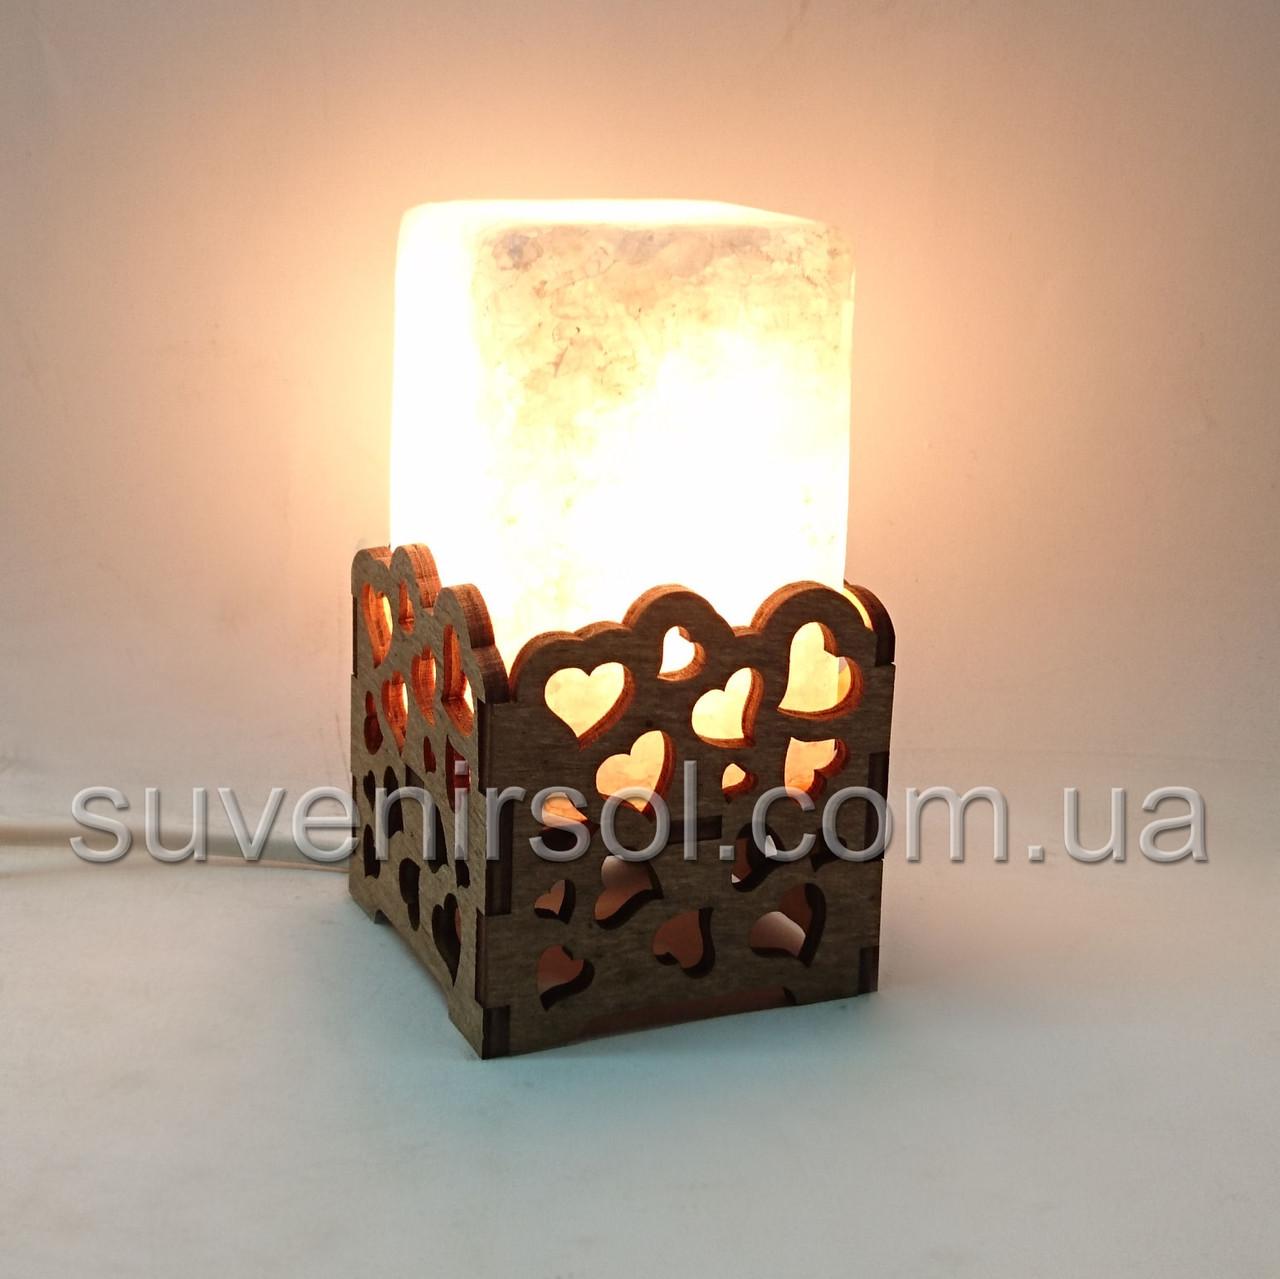 Соляной светильник Прямоугольник в дереве Сердца